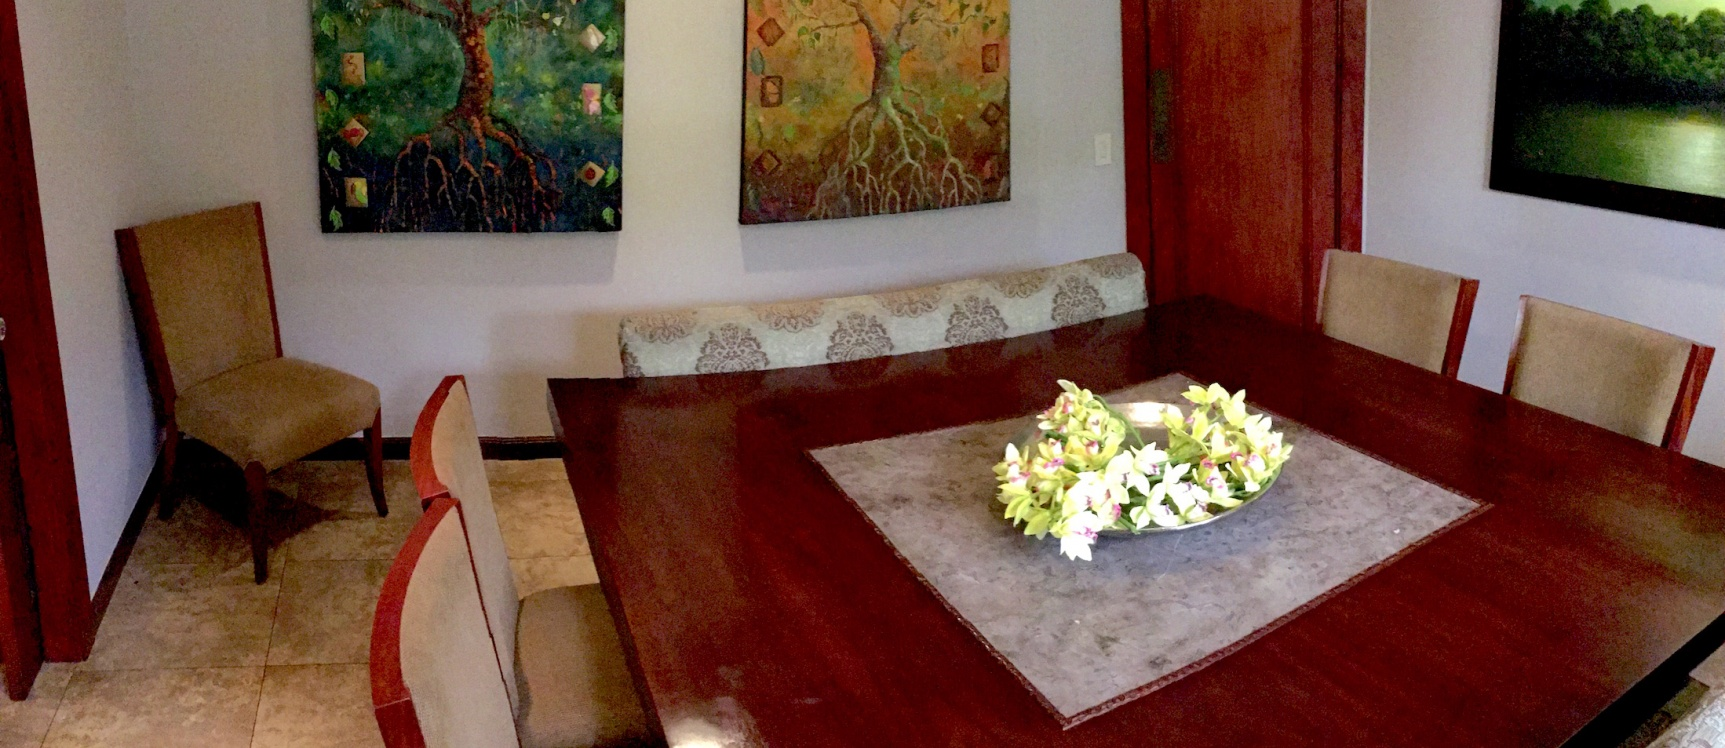 GeoBienes - Casa de venta en el Km 5.5 vía Samborondón. Exclusiva Urbanización - Plusvalia Guayaquil Casas de venta y alquiler Inmobiliaria Ecuador